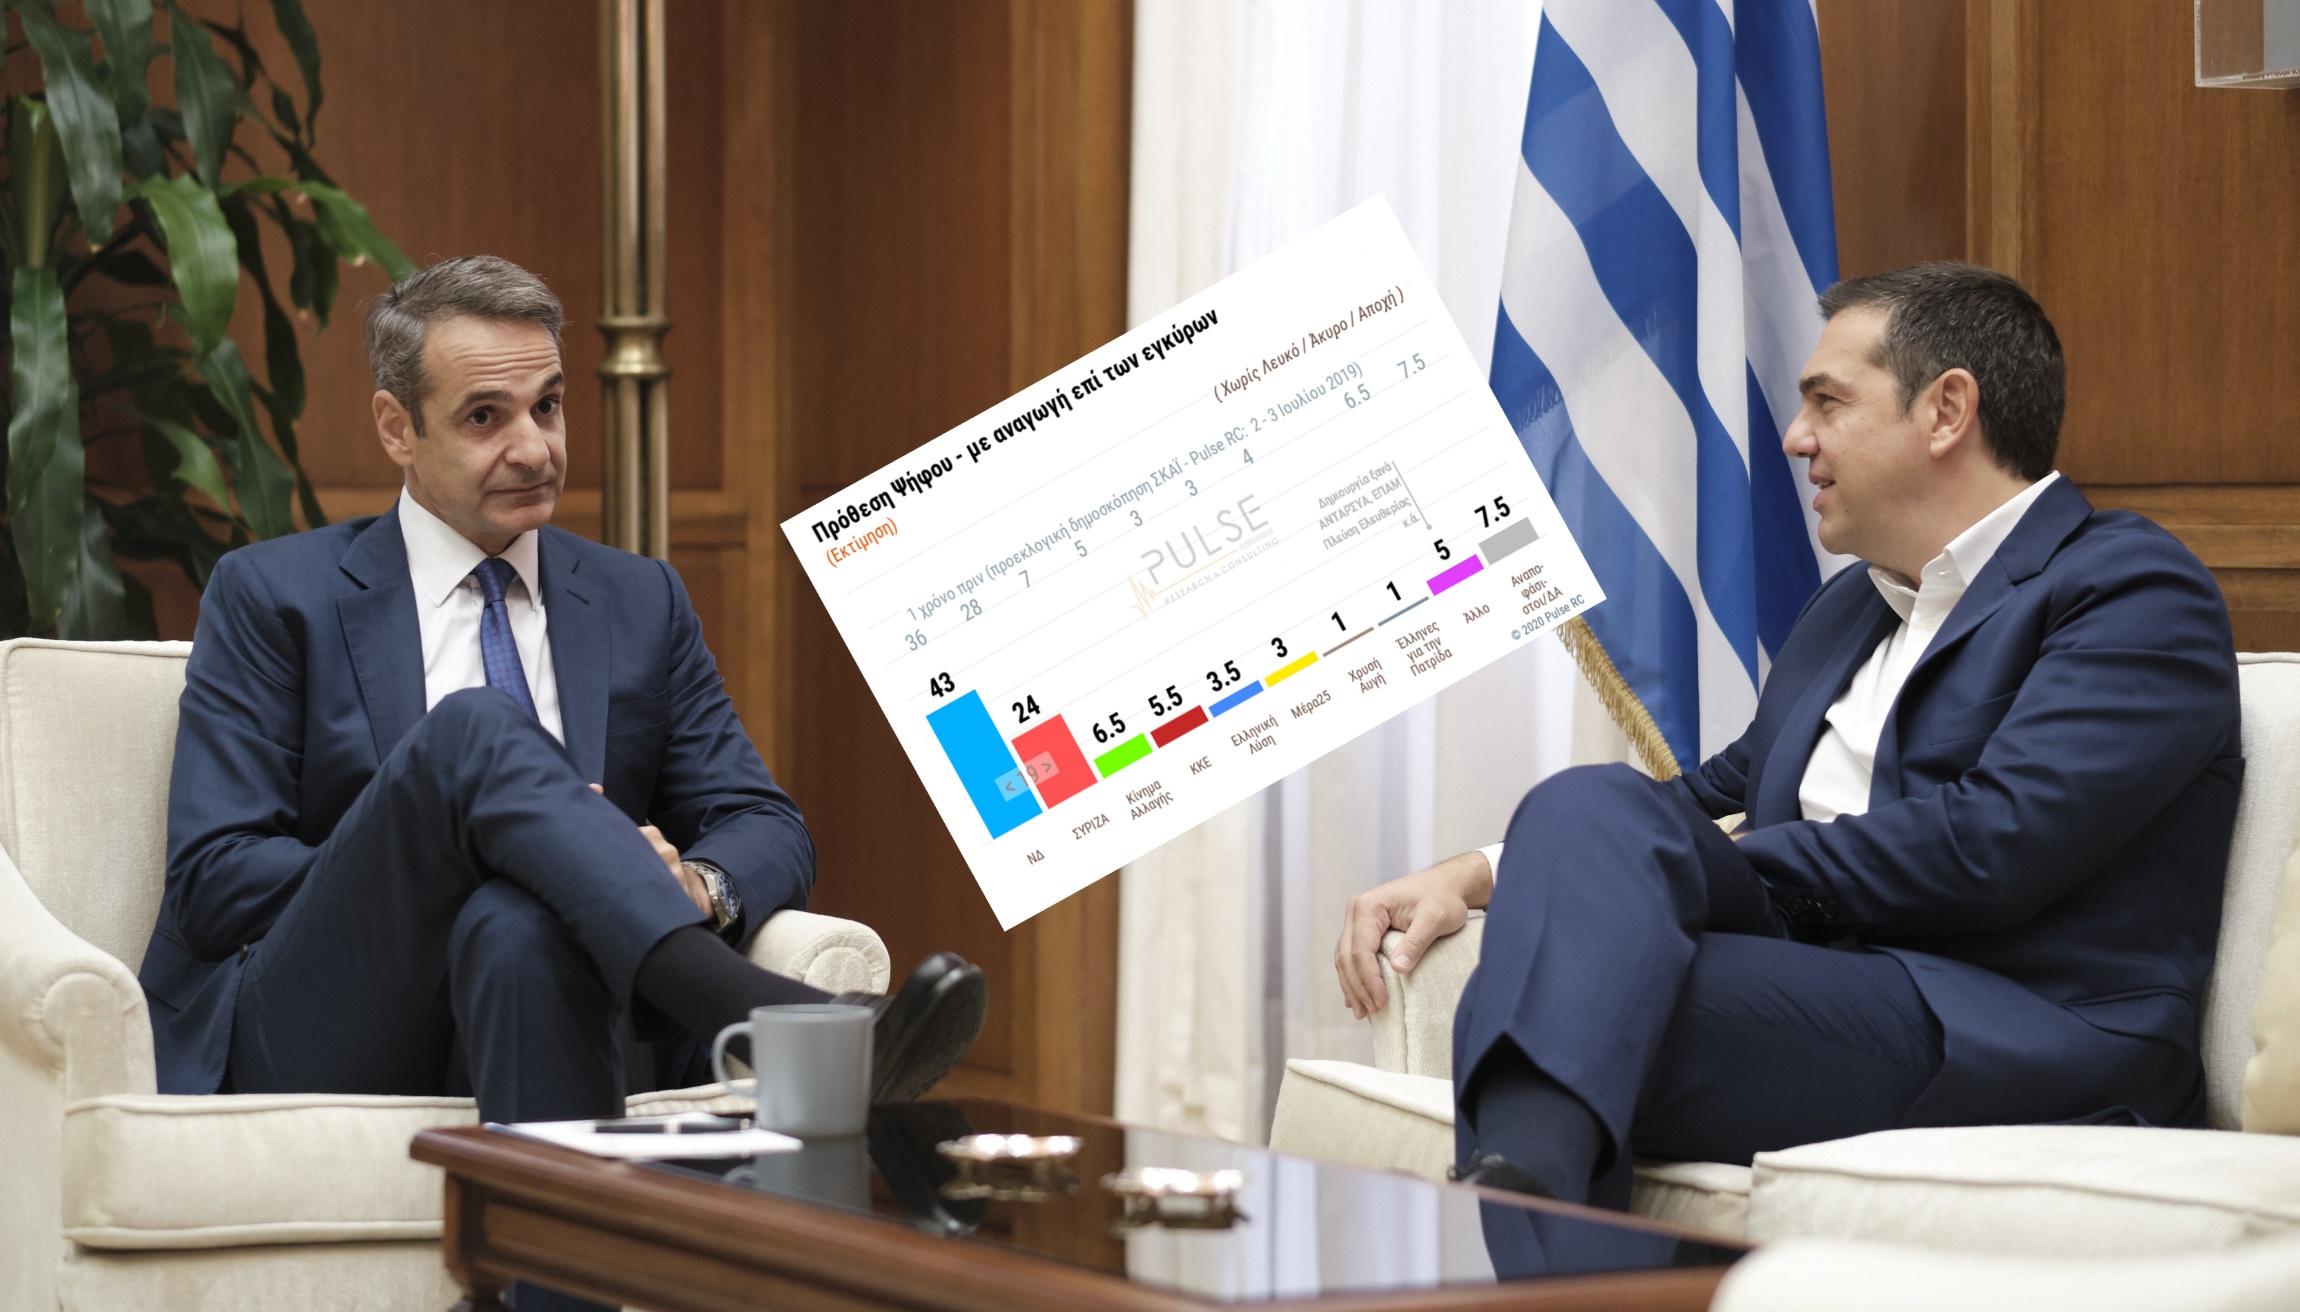 Δημοσκόπηση: Το απόλυτο κοντράστ για Μητσοτάκη – Τσίπρα! Έκδηλος ο φόβος για κορονοϊό και Τουρκία